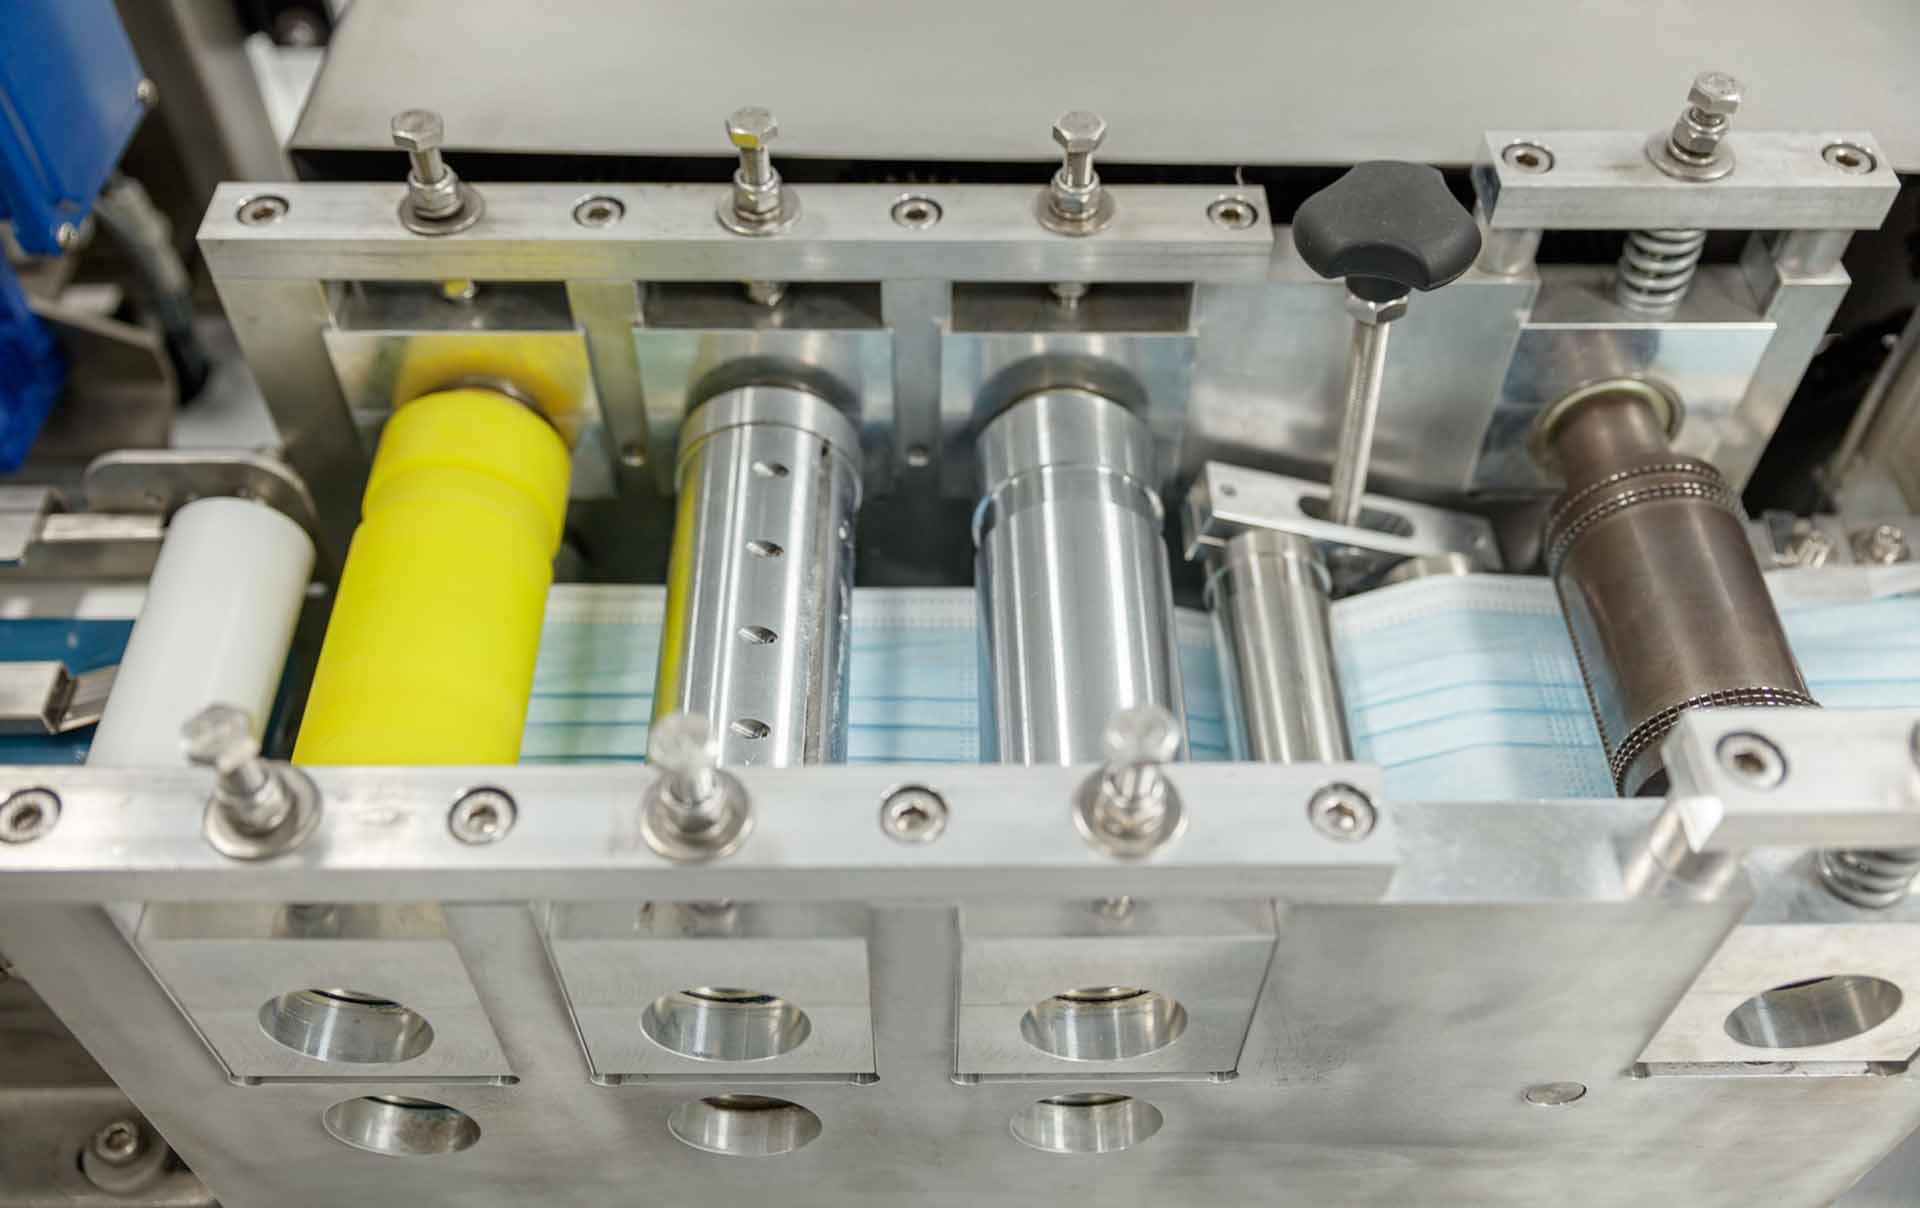 papelmatic-higiene-professional-guia-per-comprar-mascaretes-homologacio